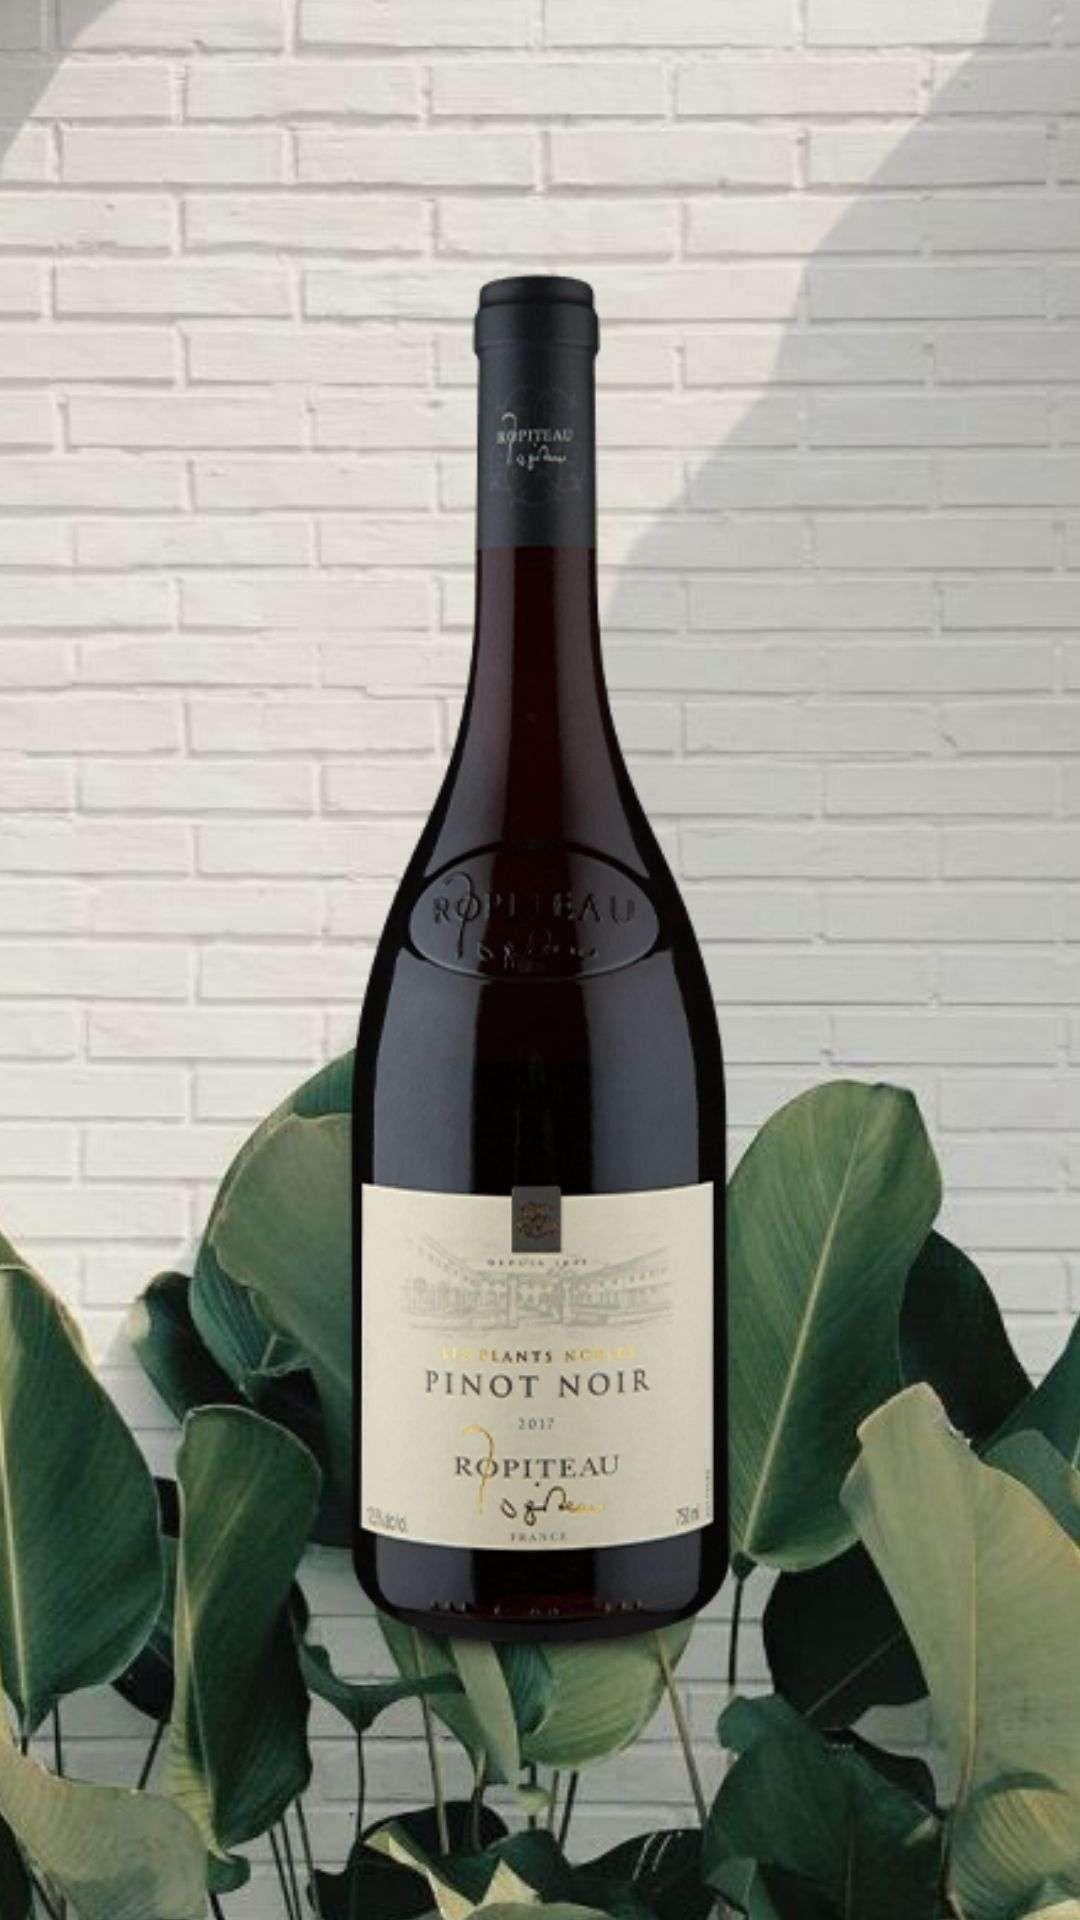 Ropiteau Frères Les Plants Nobles Pinot Noir 2017